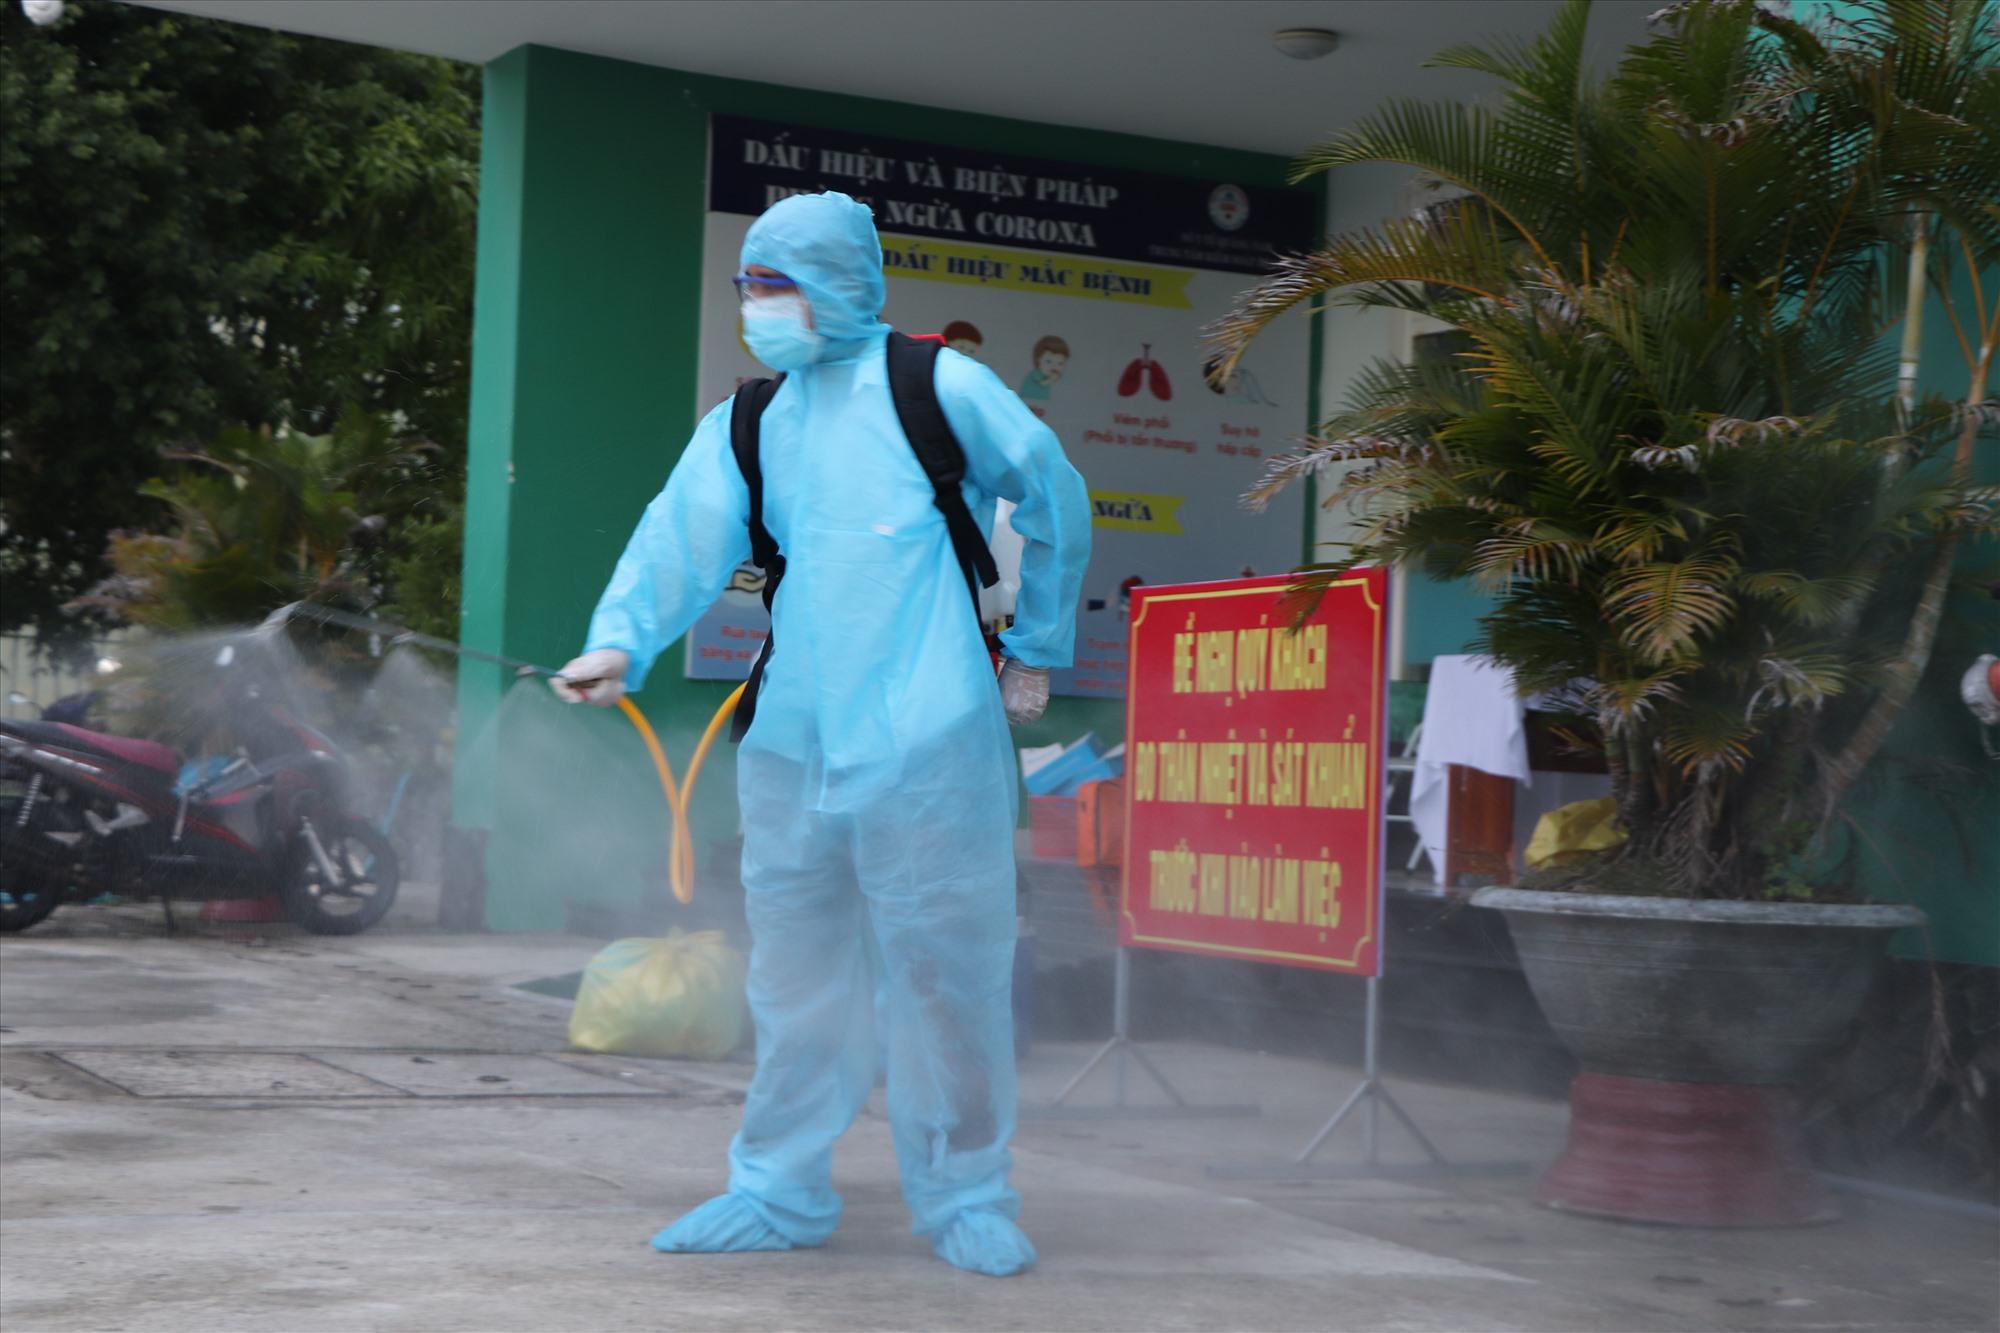 Ngành Y tế khử khuẩn tại các khu vực từng có người nhiễm bệnh.Ảnh: X.H